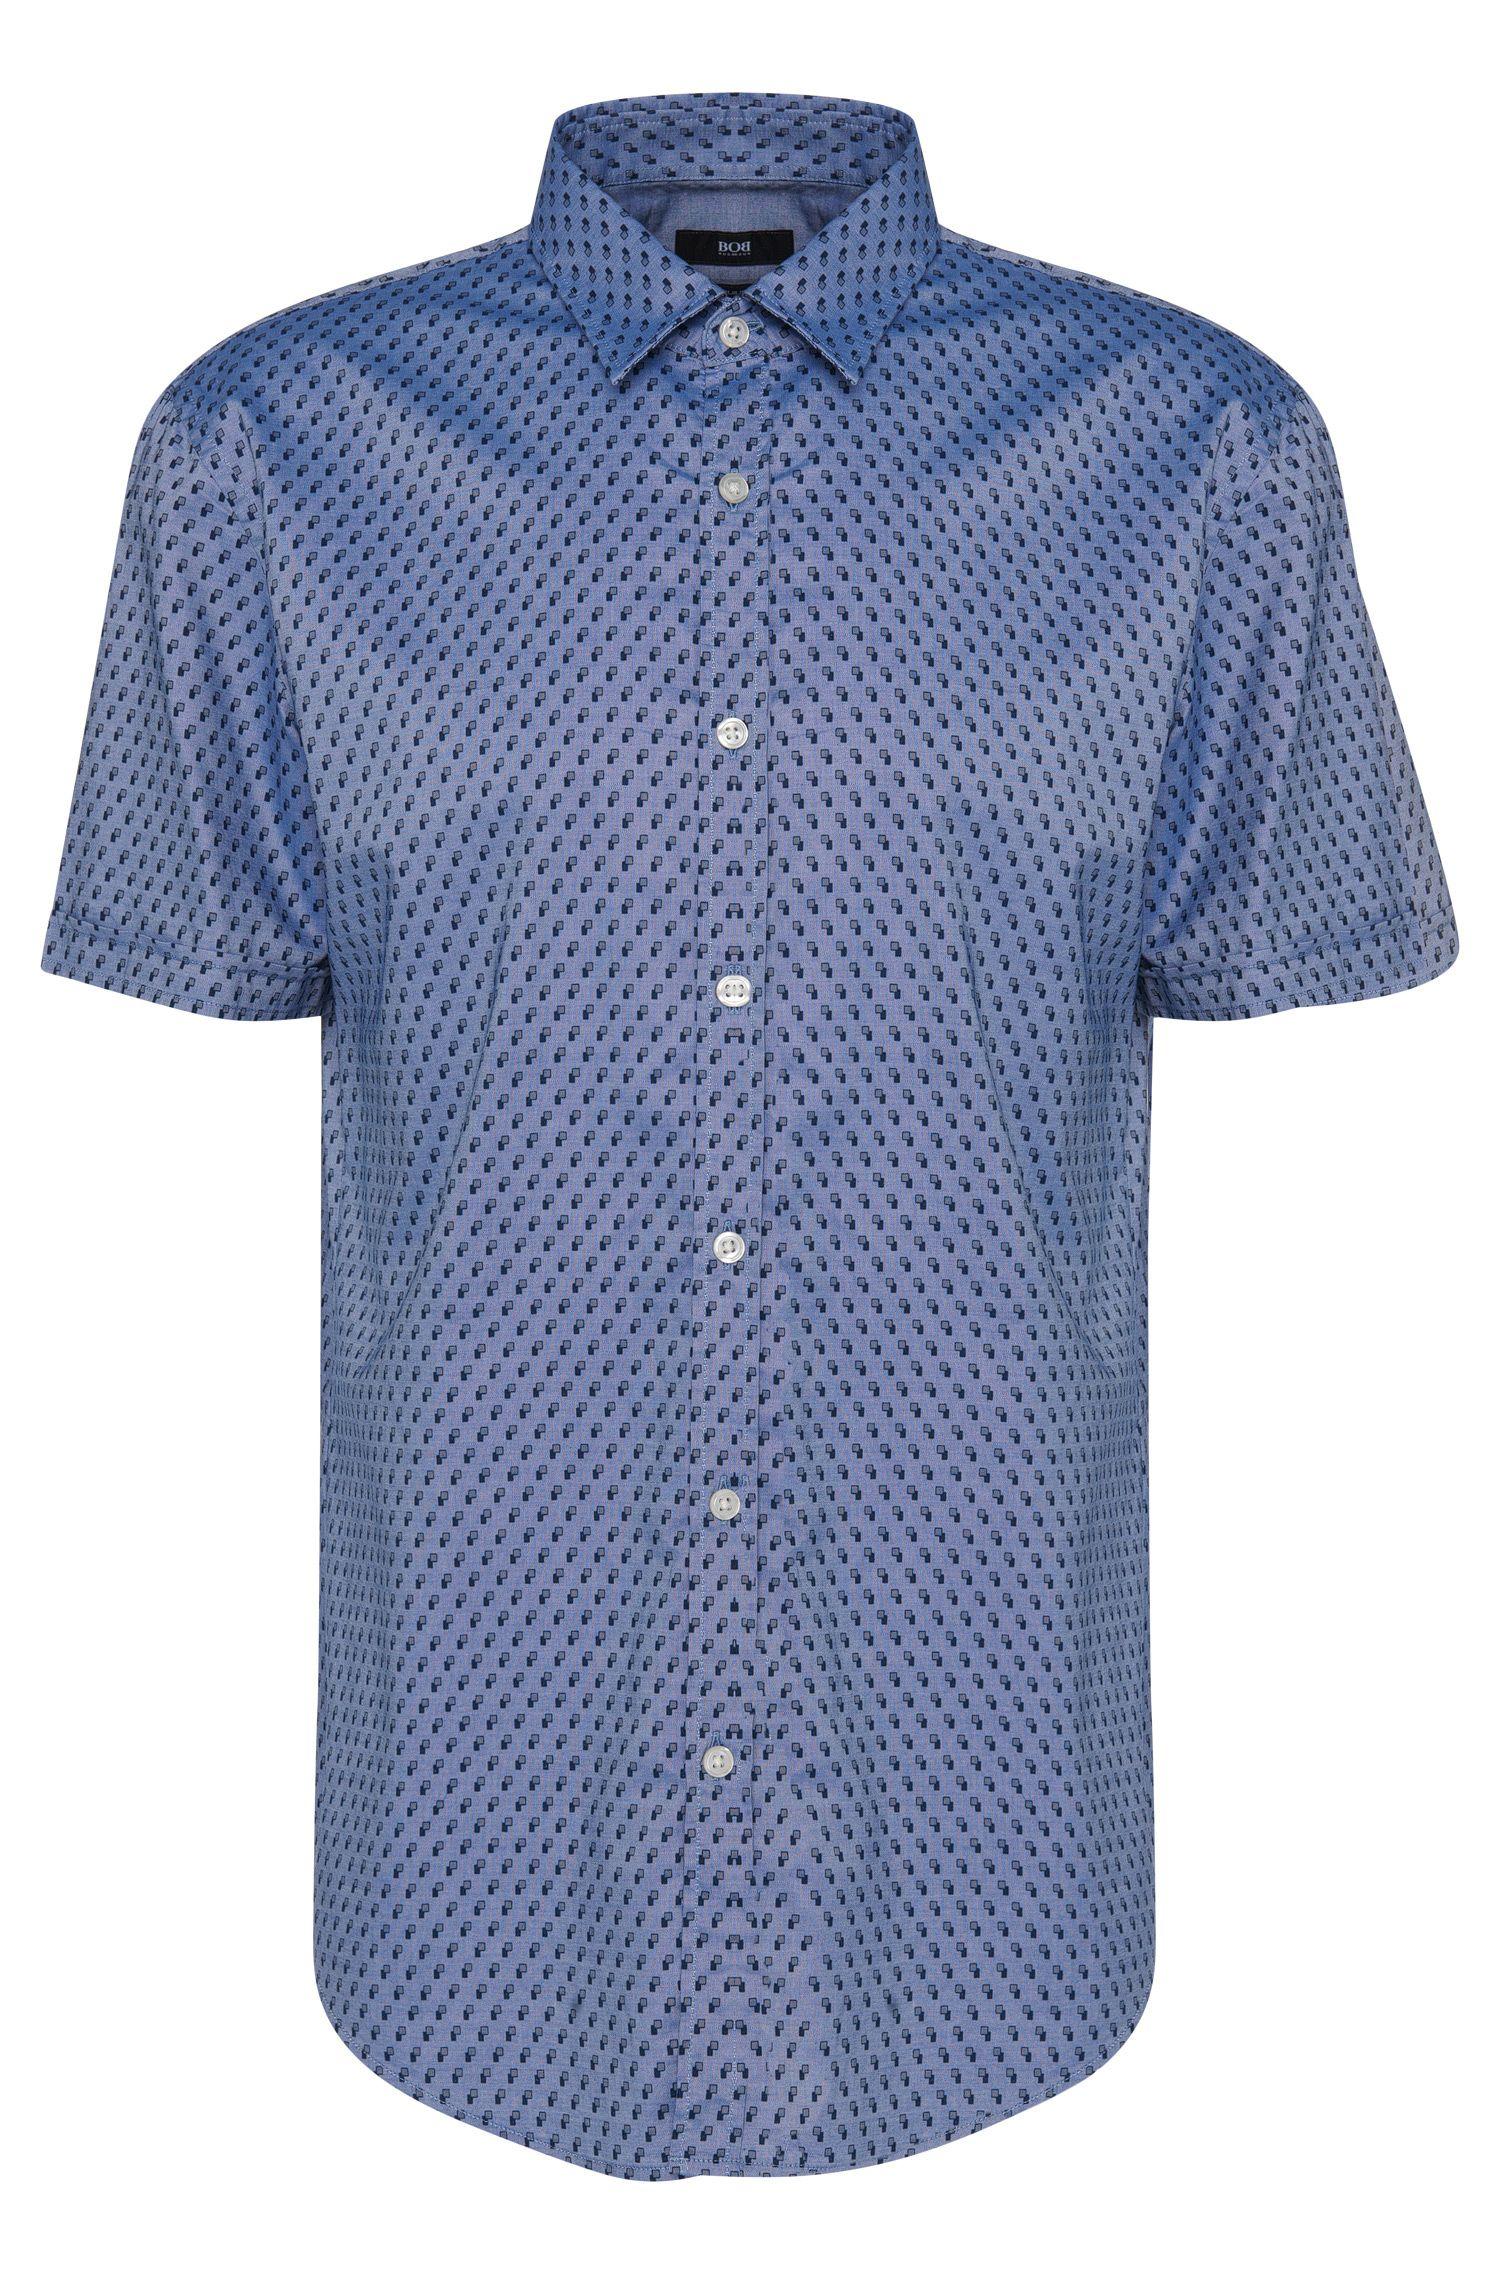 Chemise Slim Fit à motif en coton: «Ronn_5»